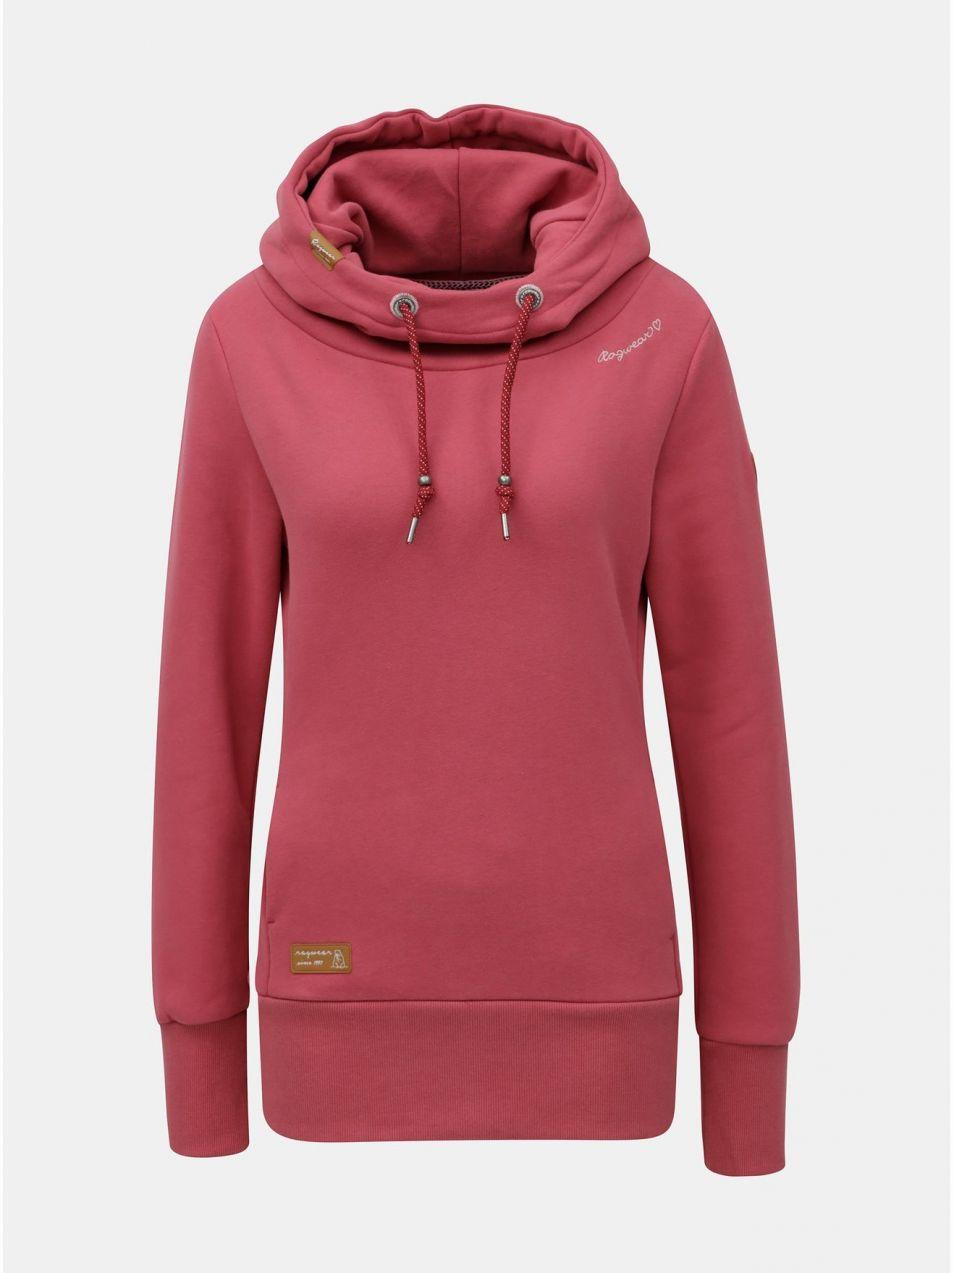 2e3922d250d9 Ružová dámska mikina s kapucňou Ragwear značky Ragwear - Lovely.sk